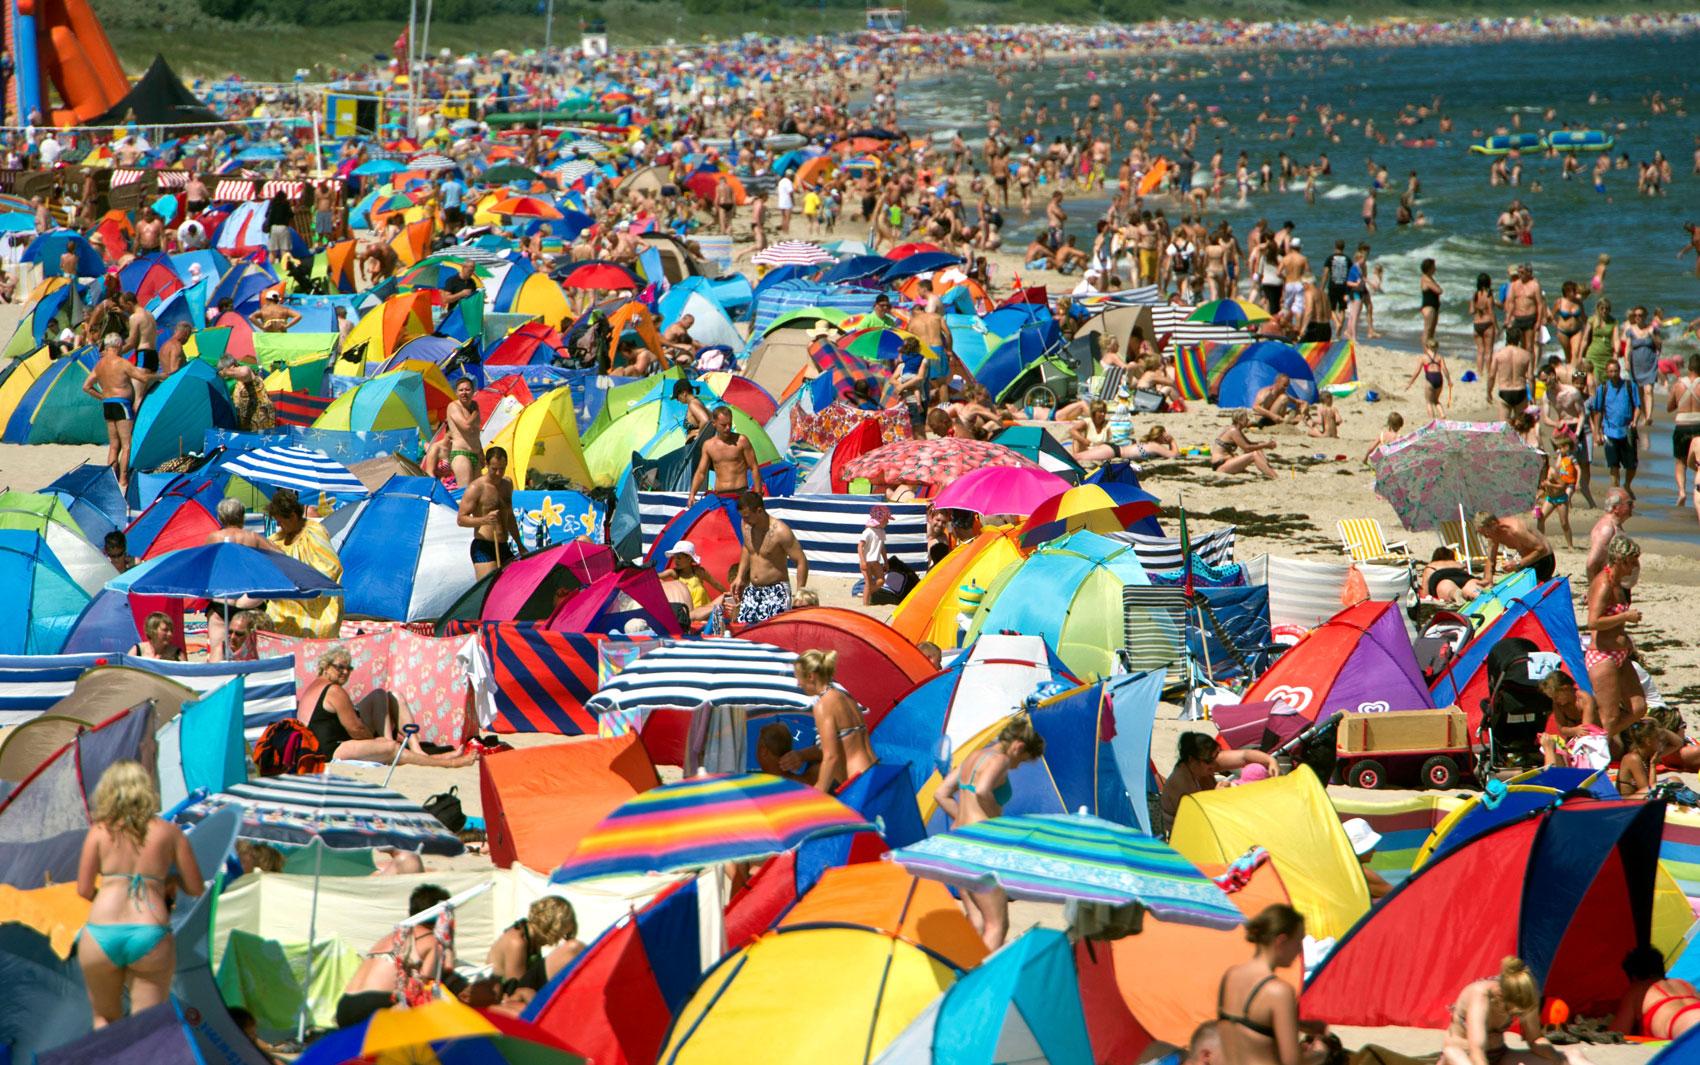 Banhistas aproveitam dia de calor e sol na praia de Zinnowitz, na Alemanha; a praia fica localizada no Mar Báltico